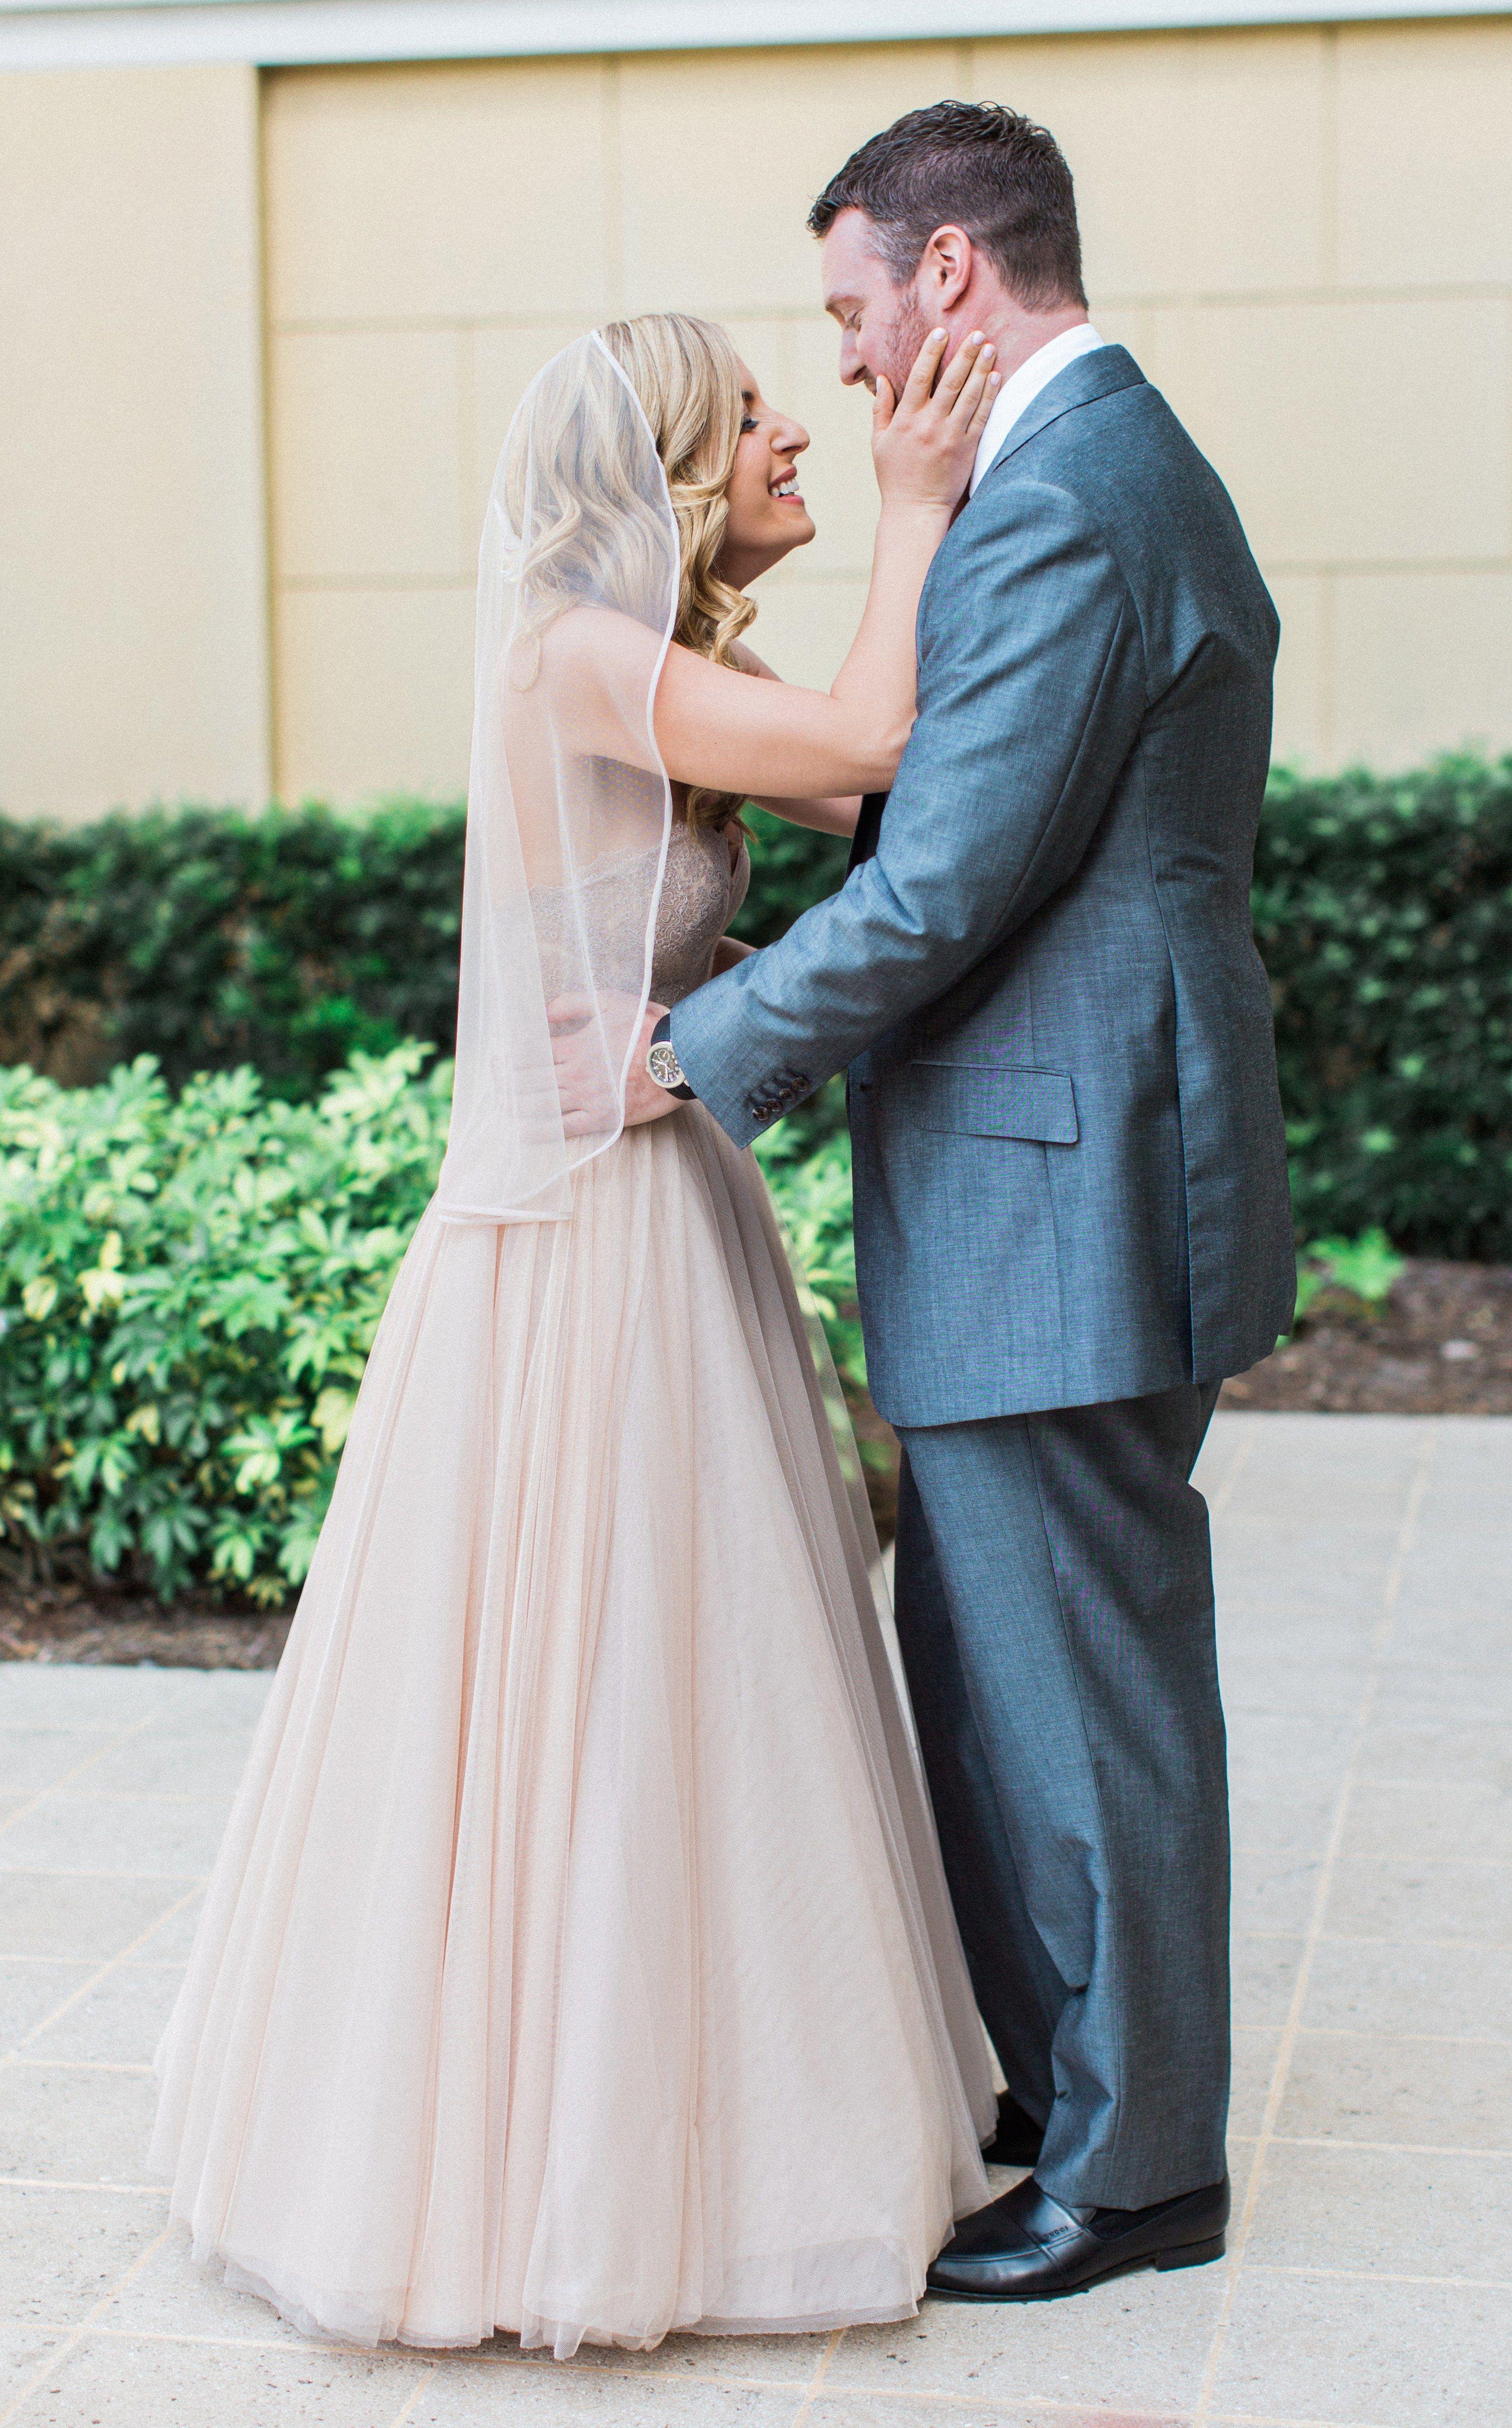 Colored wedding dresses that still look bridal af brides wed